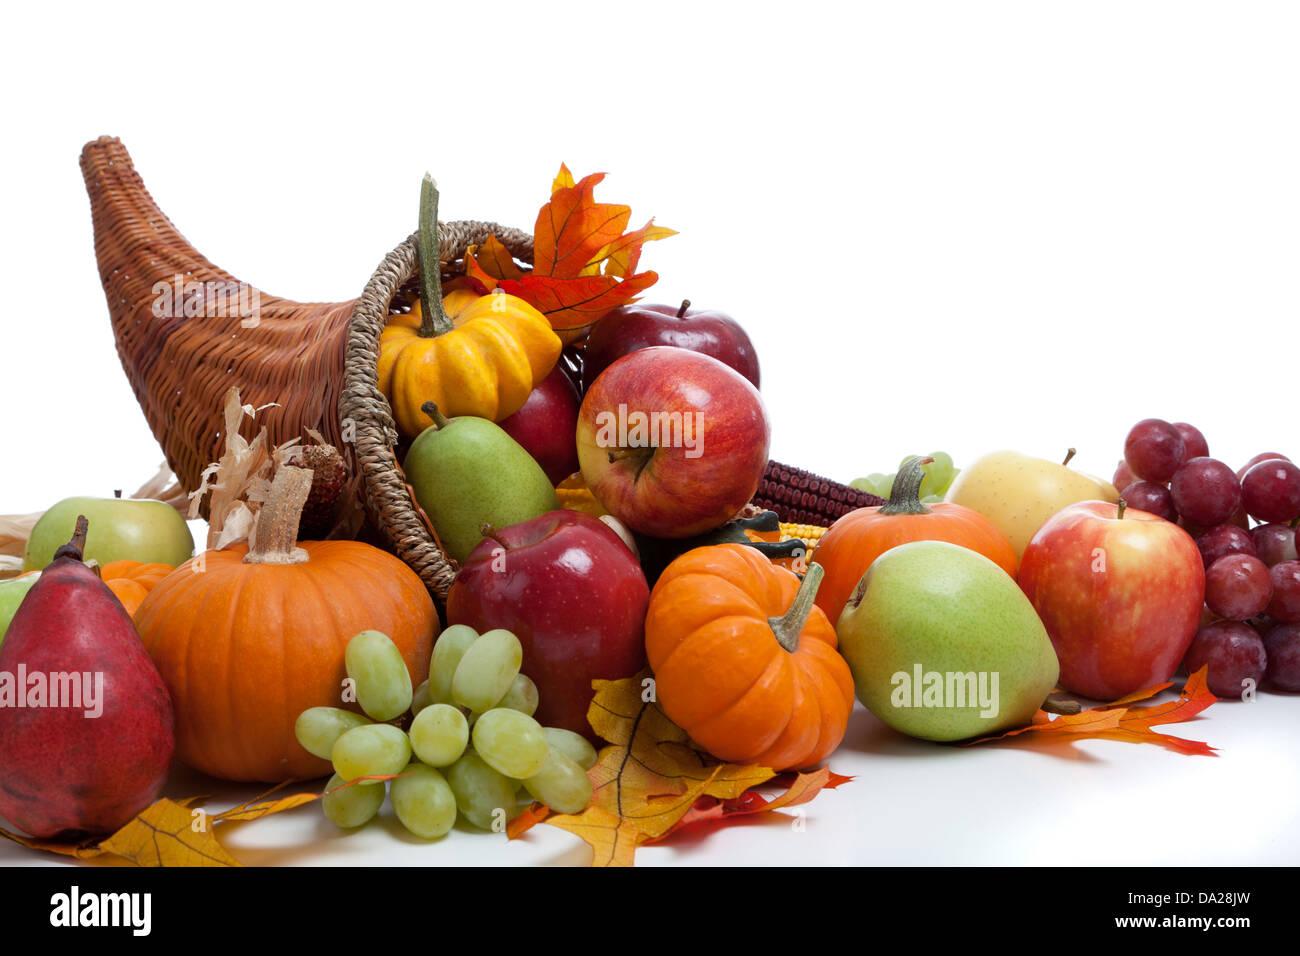 Horn Plenty Fruit Stockfotos & Horn Plenty Fruit Bilder - Alamy